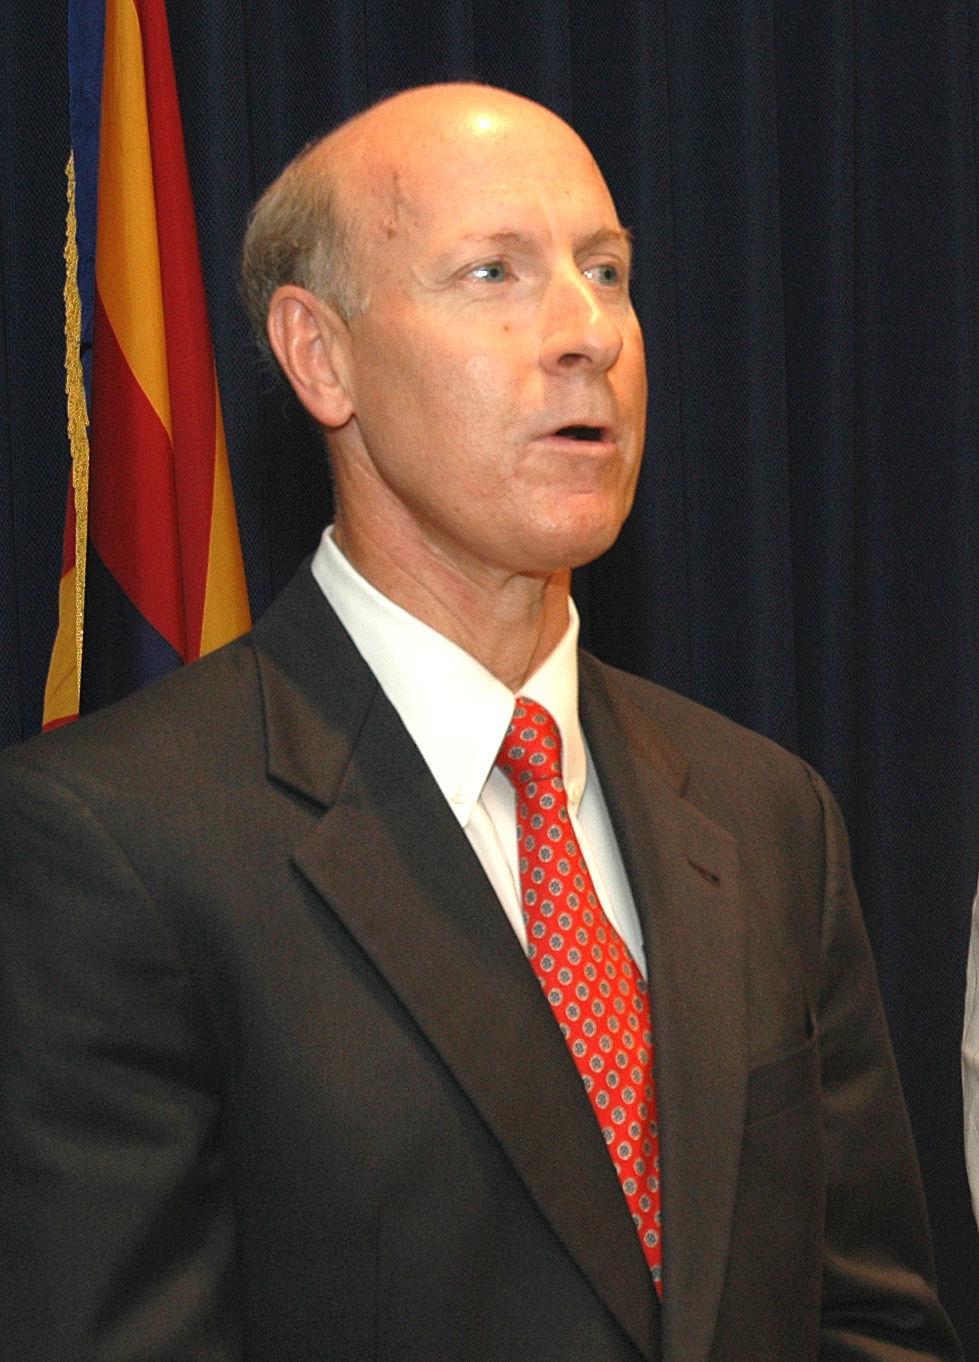 Justice John Pelander